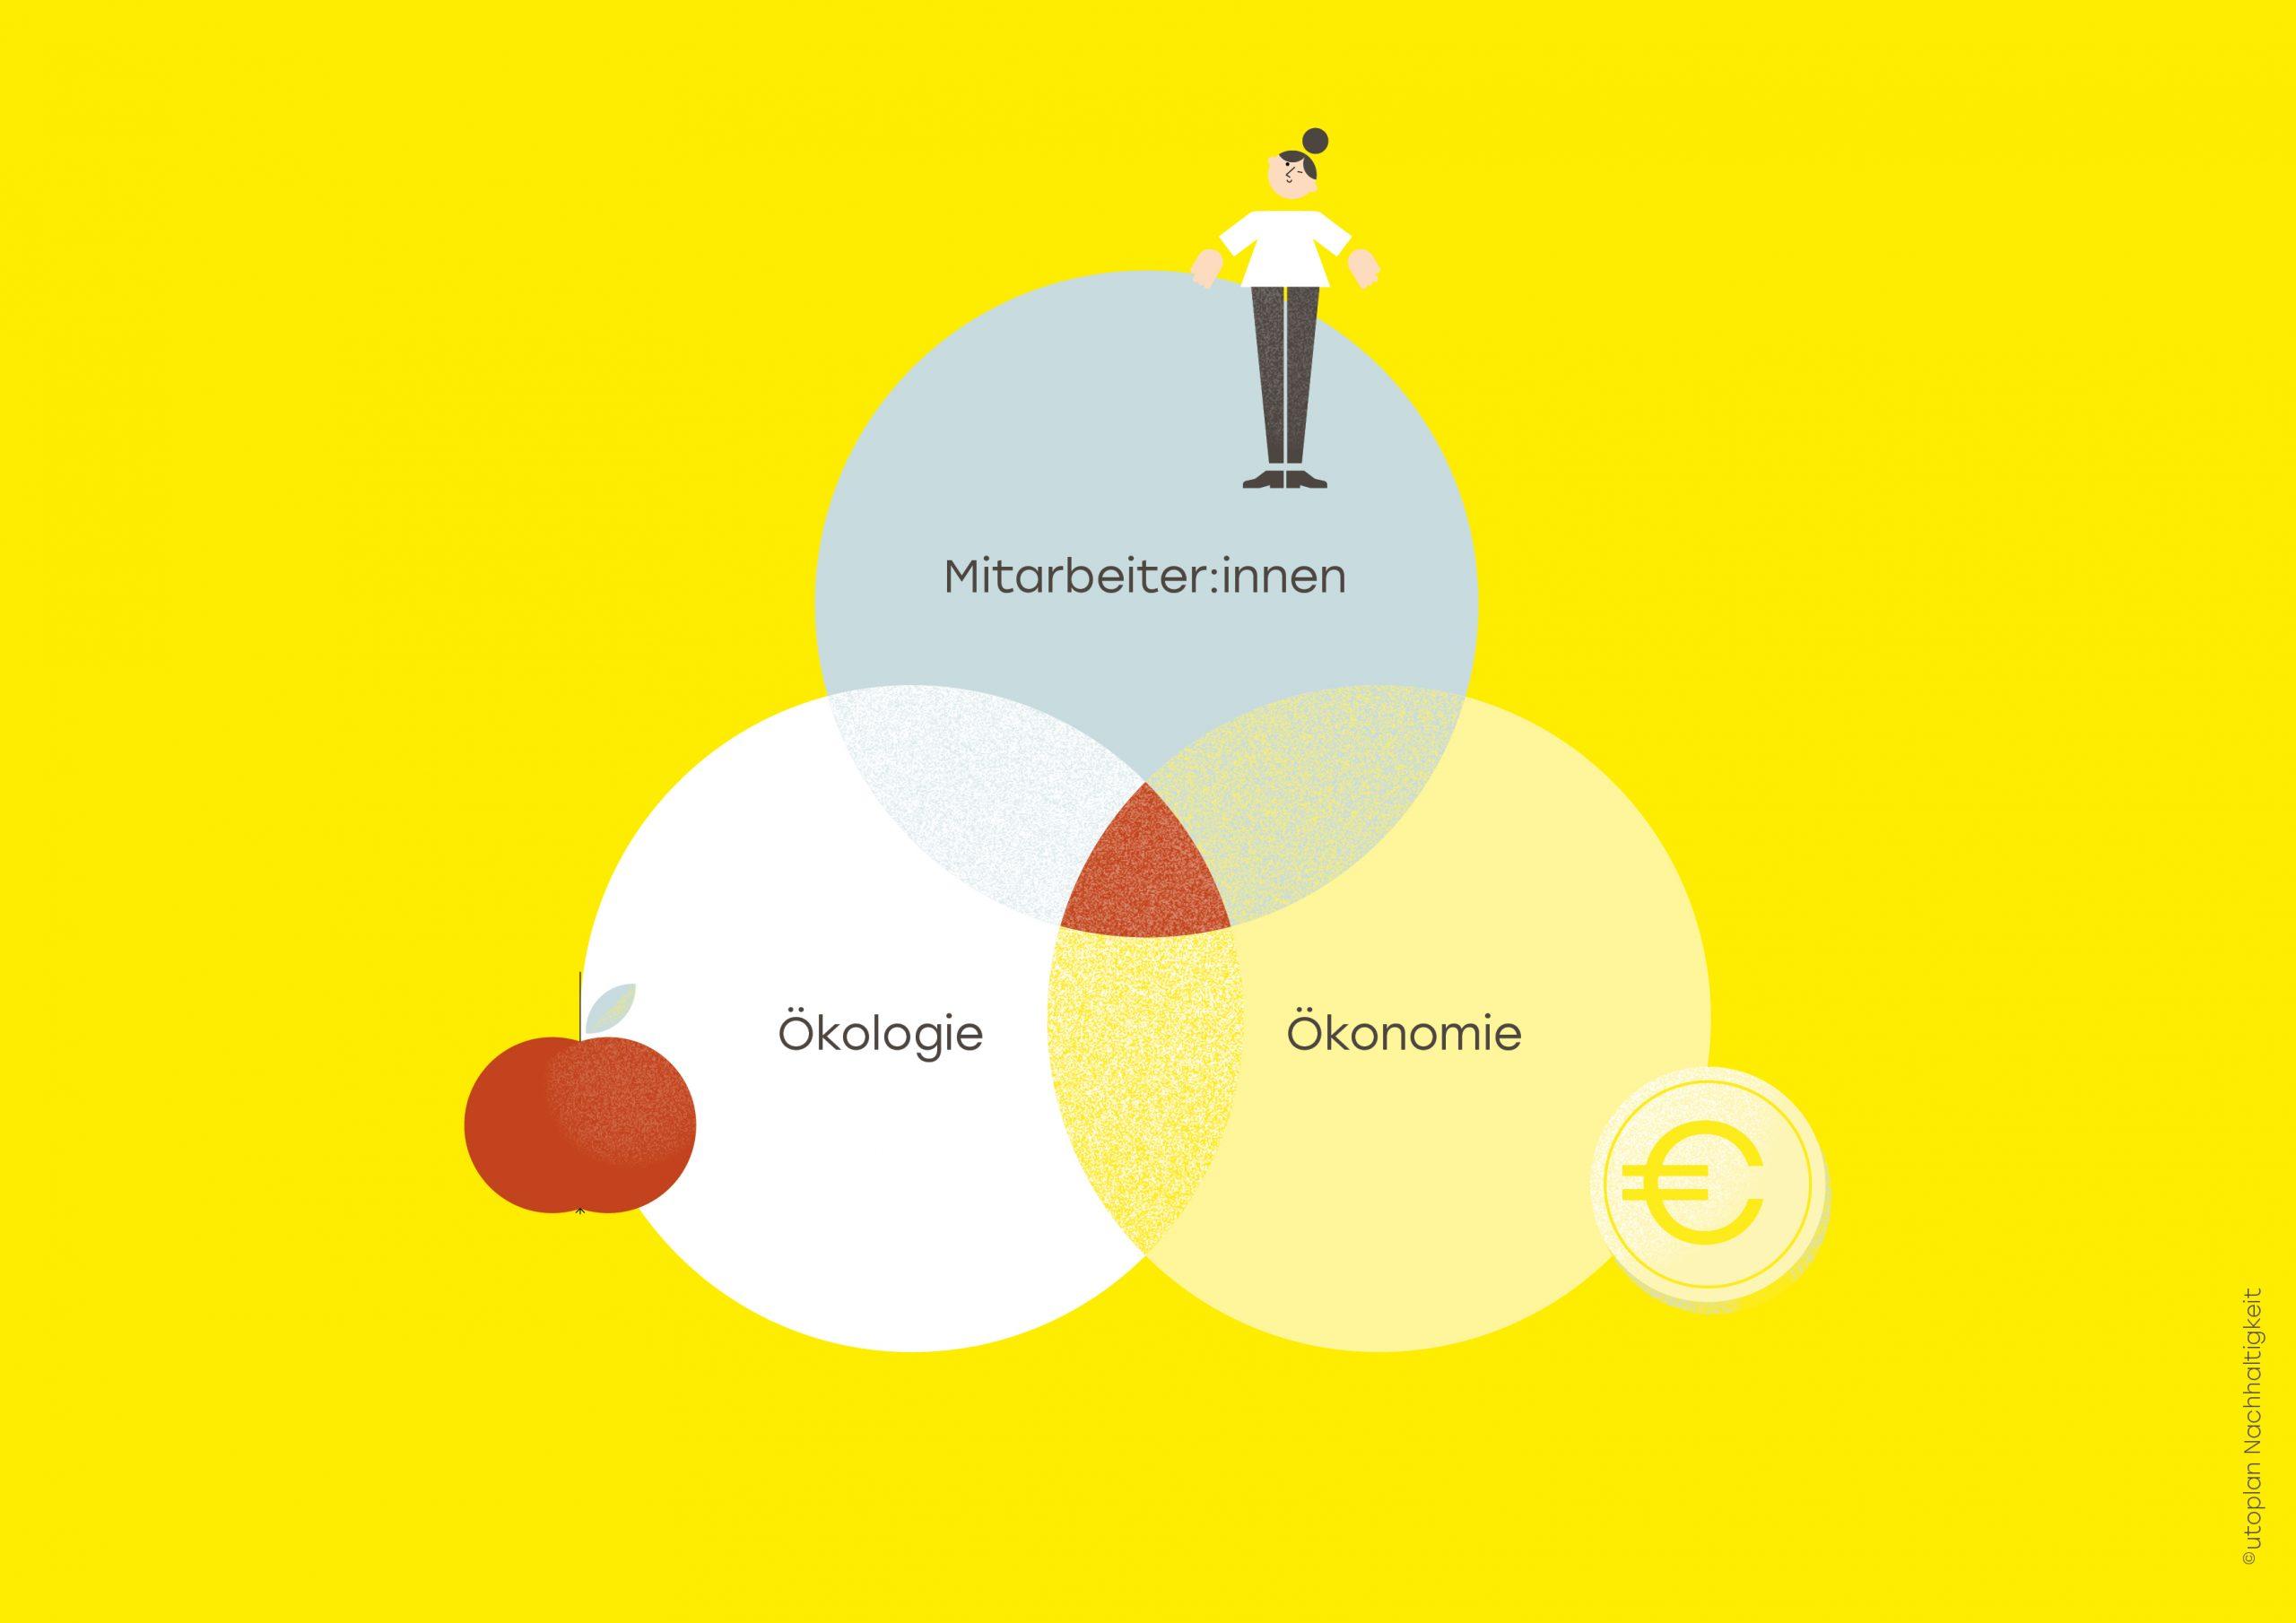 Schaubild: drei Bereiche der Nachhaltigkeit - Ökologie, Ökonomie und Soziales